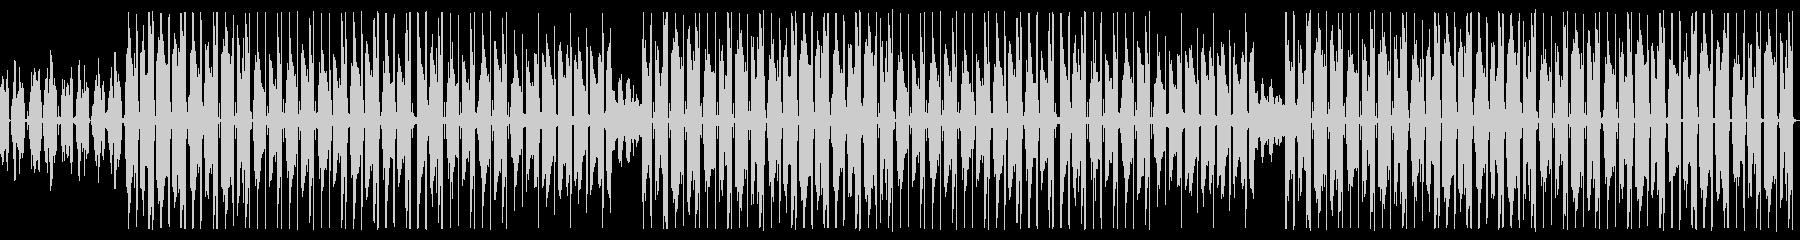 エレピがオシャレなK-POP風のトラップの未再生の波形